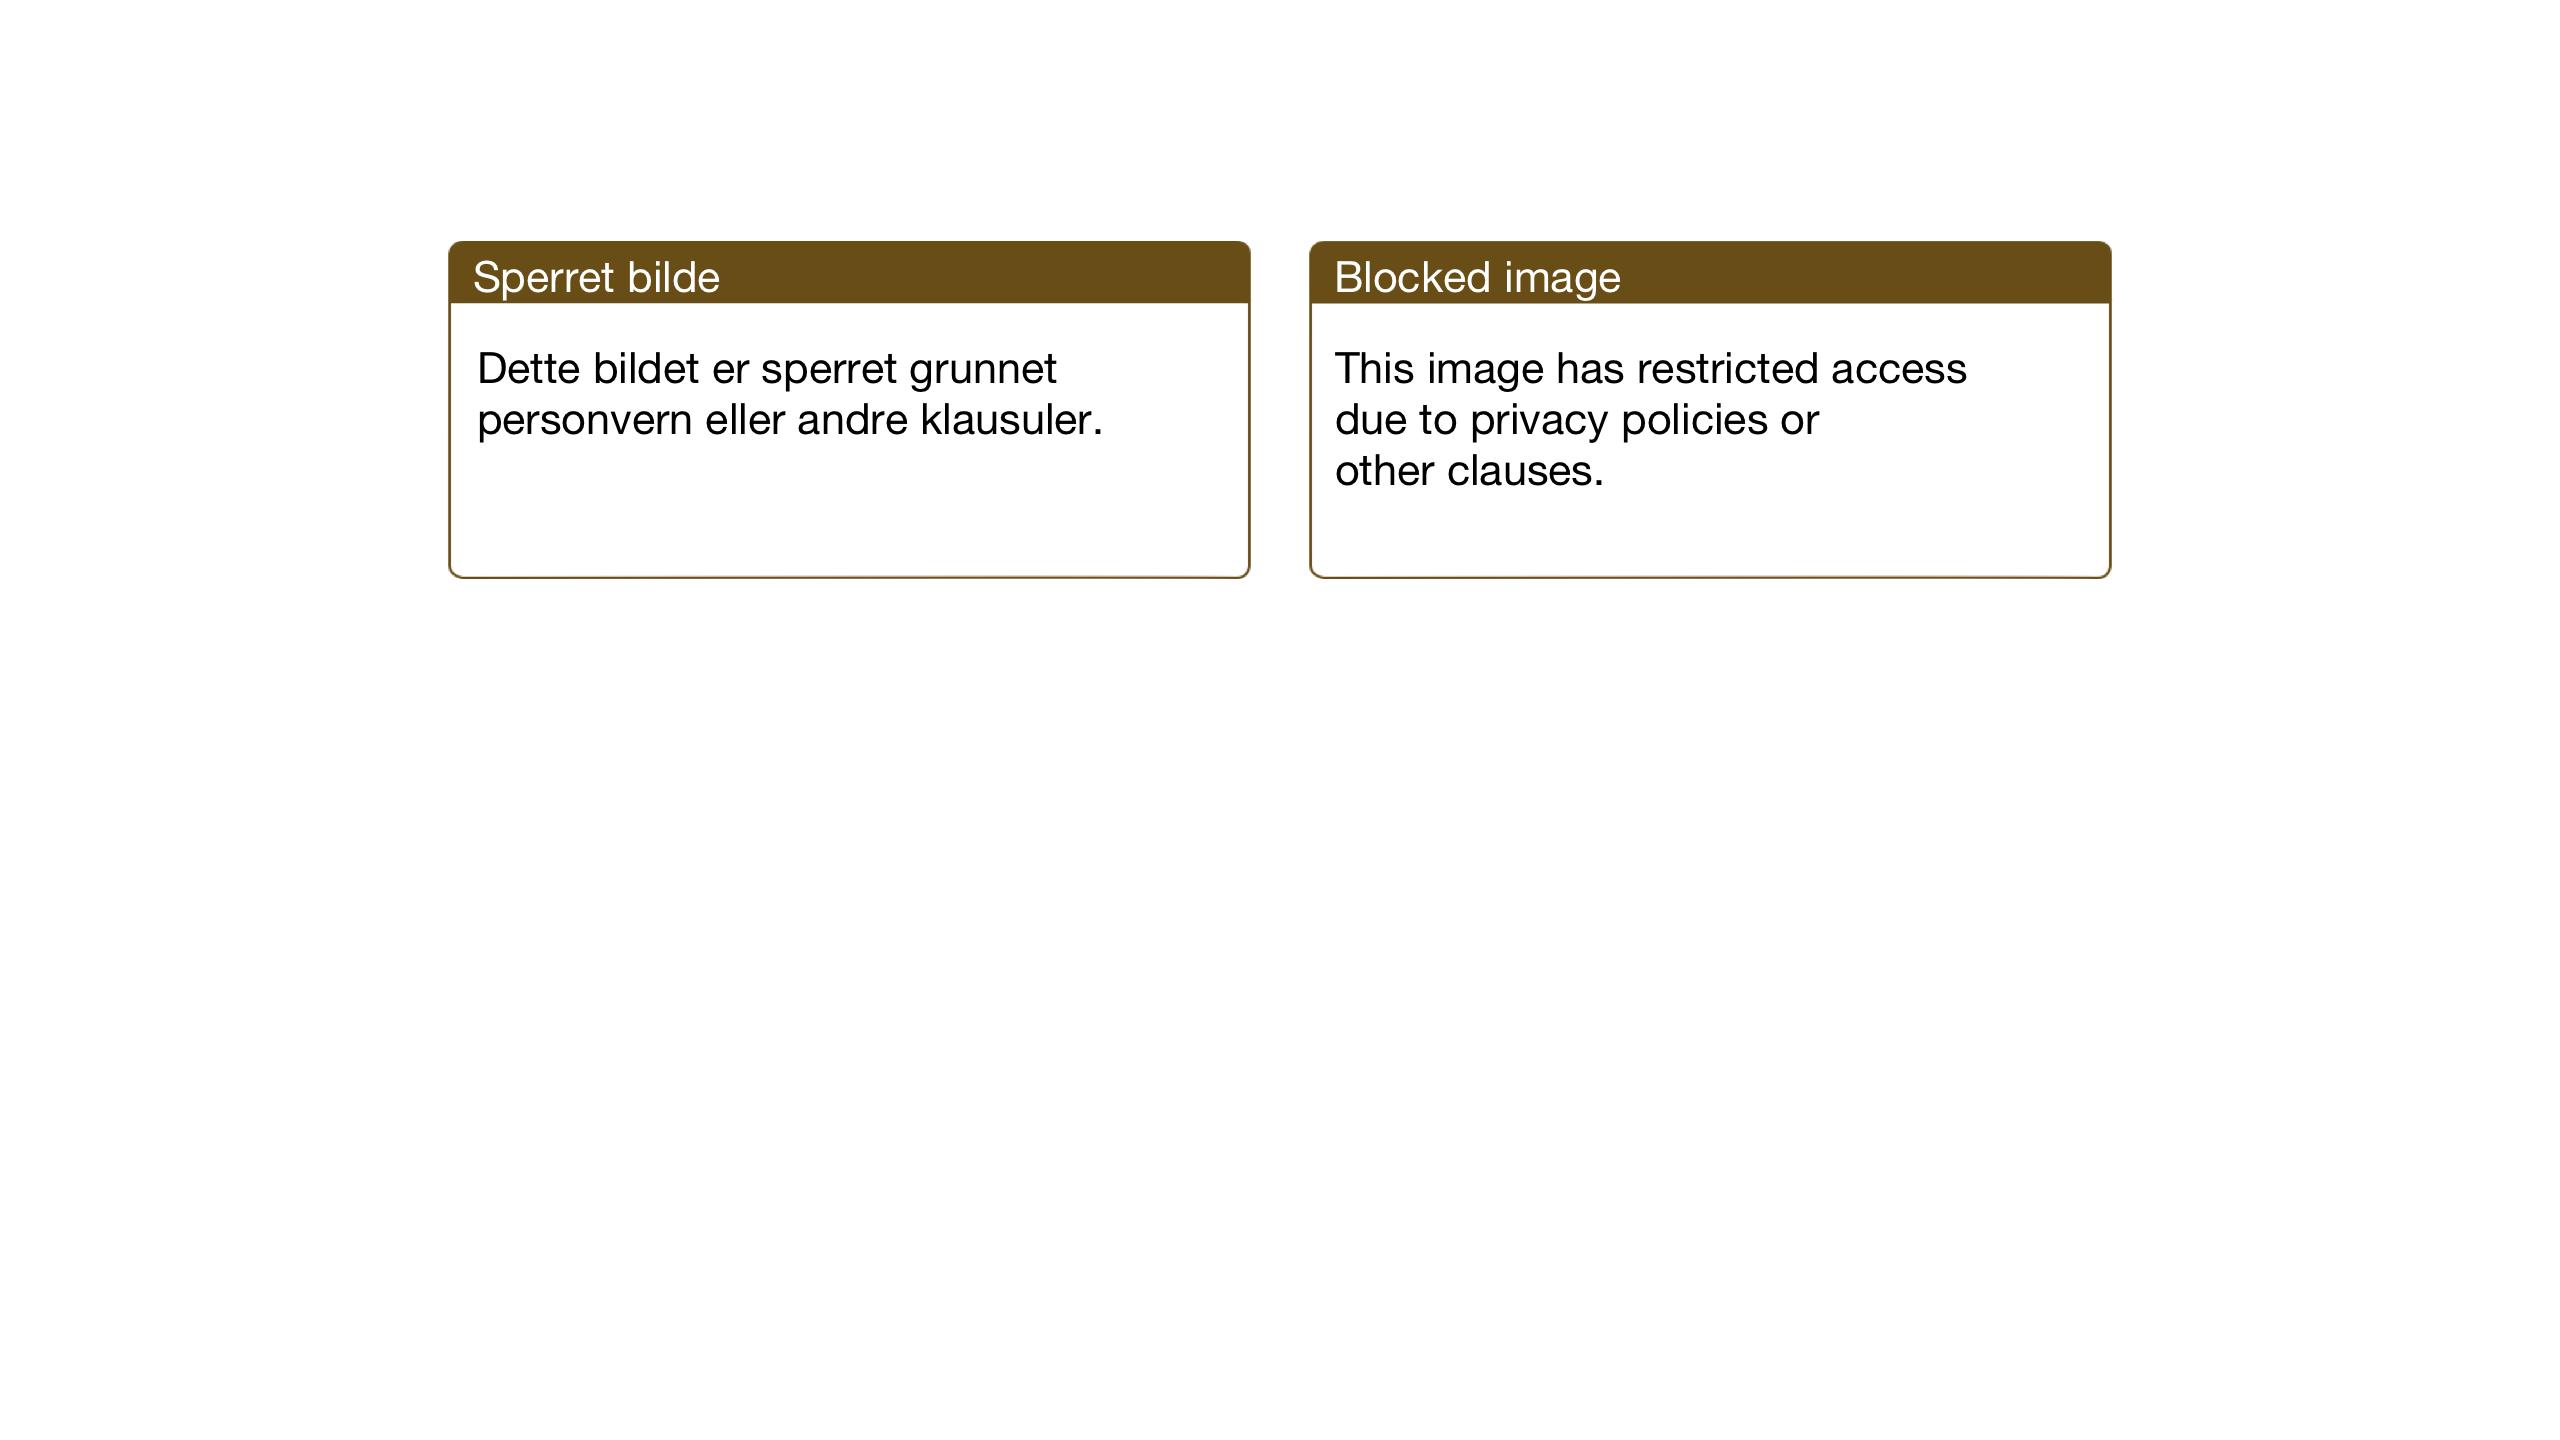 SAT, Ministerialprotokoller, klokkerbøker og fødselsregistre - Sør-Trøndelag, 603/L0173: Klokkerbok nr. 603C01, 1907-1962, s. 197